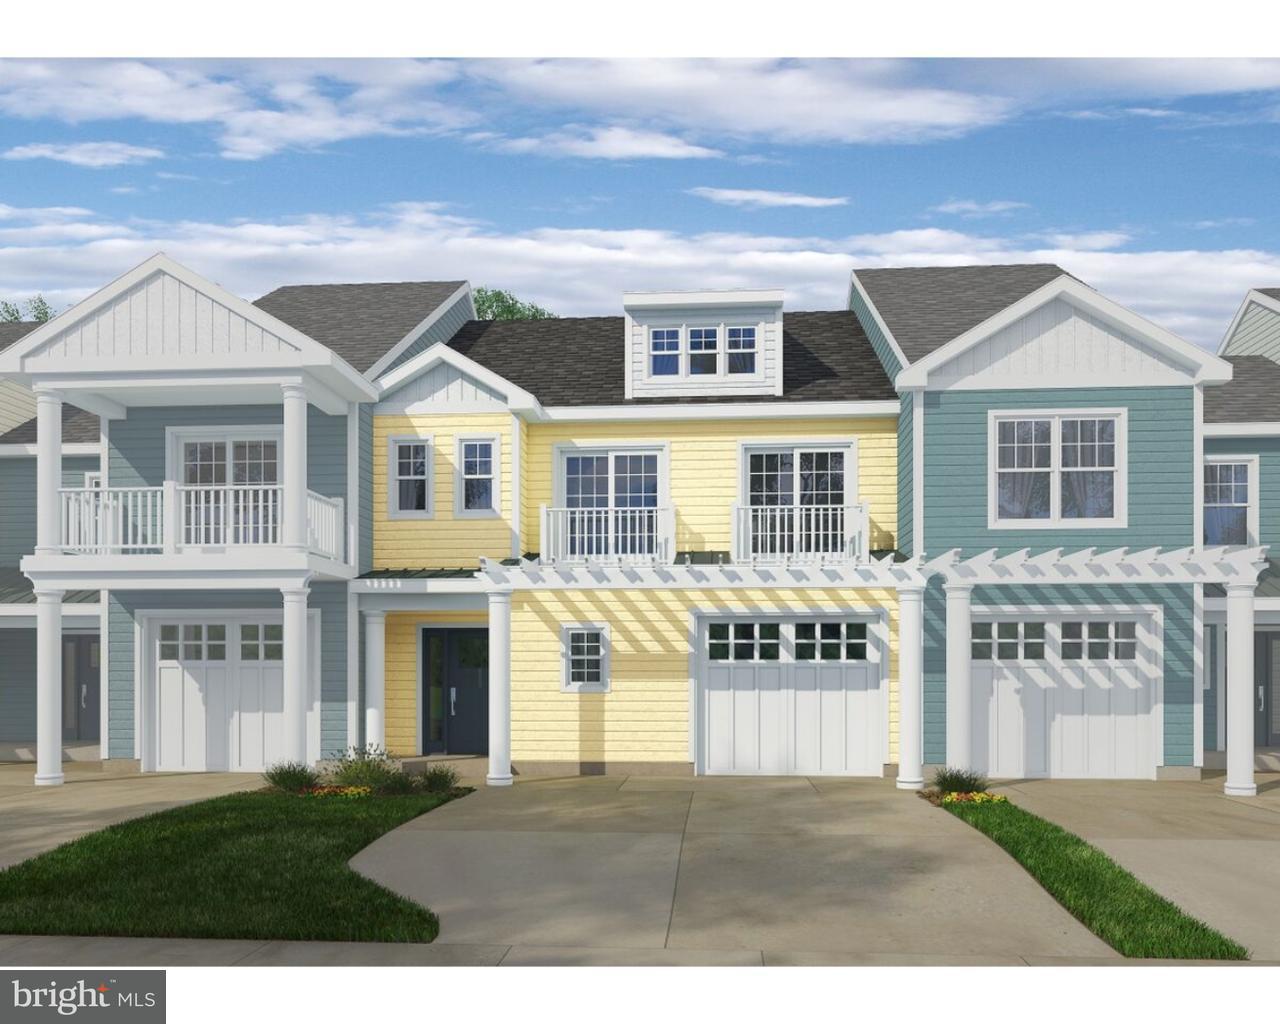 独户住宅 为 销售 在 36215 GLENVEAGH Road 赛尔比维尔, 特拉华州 19975 美国